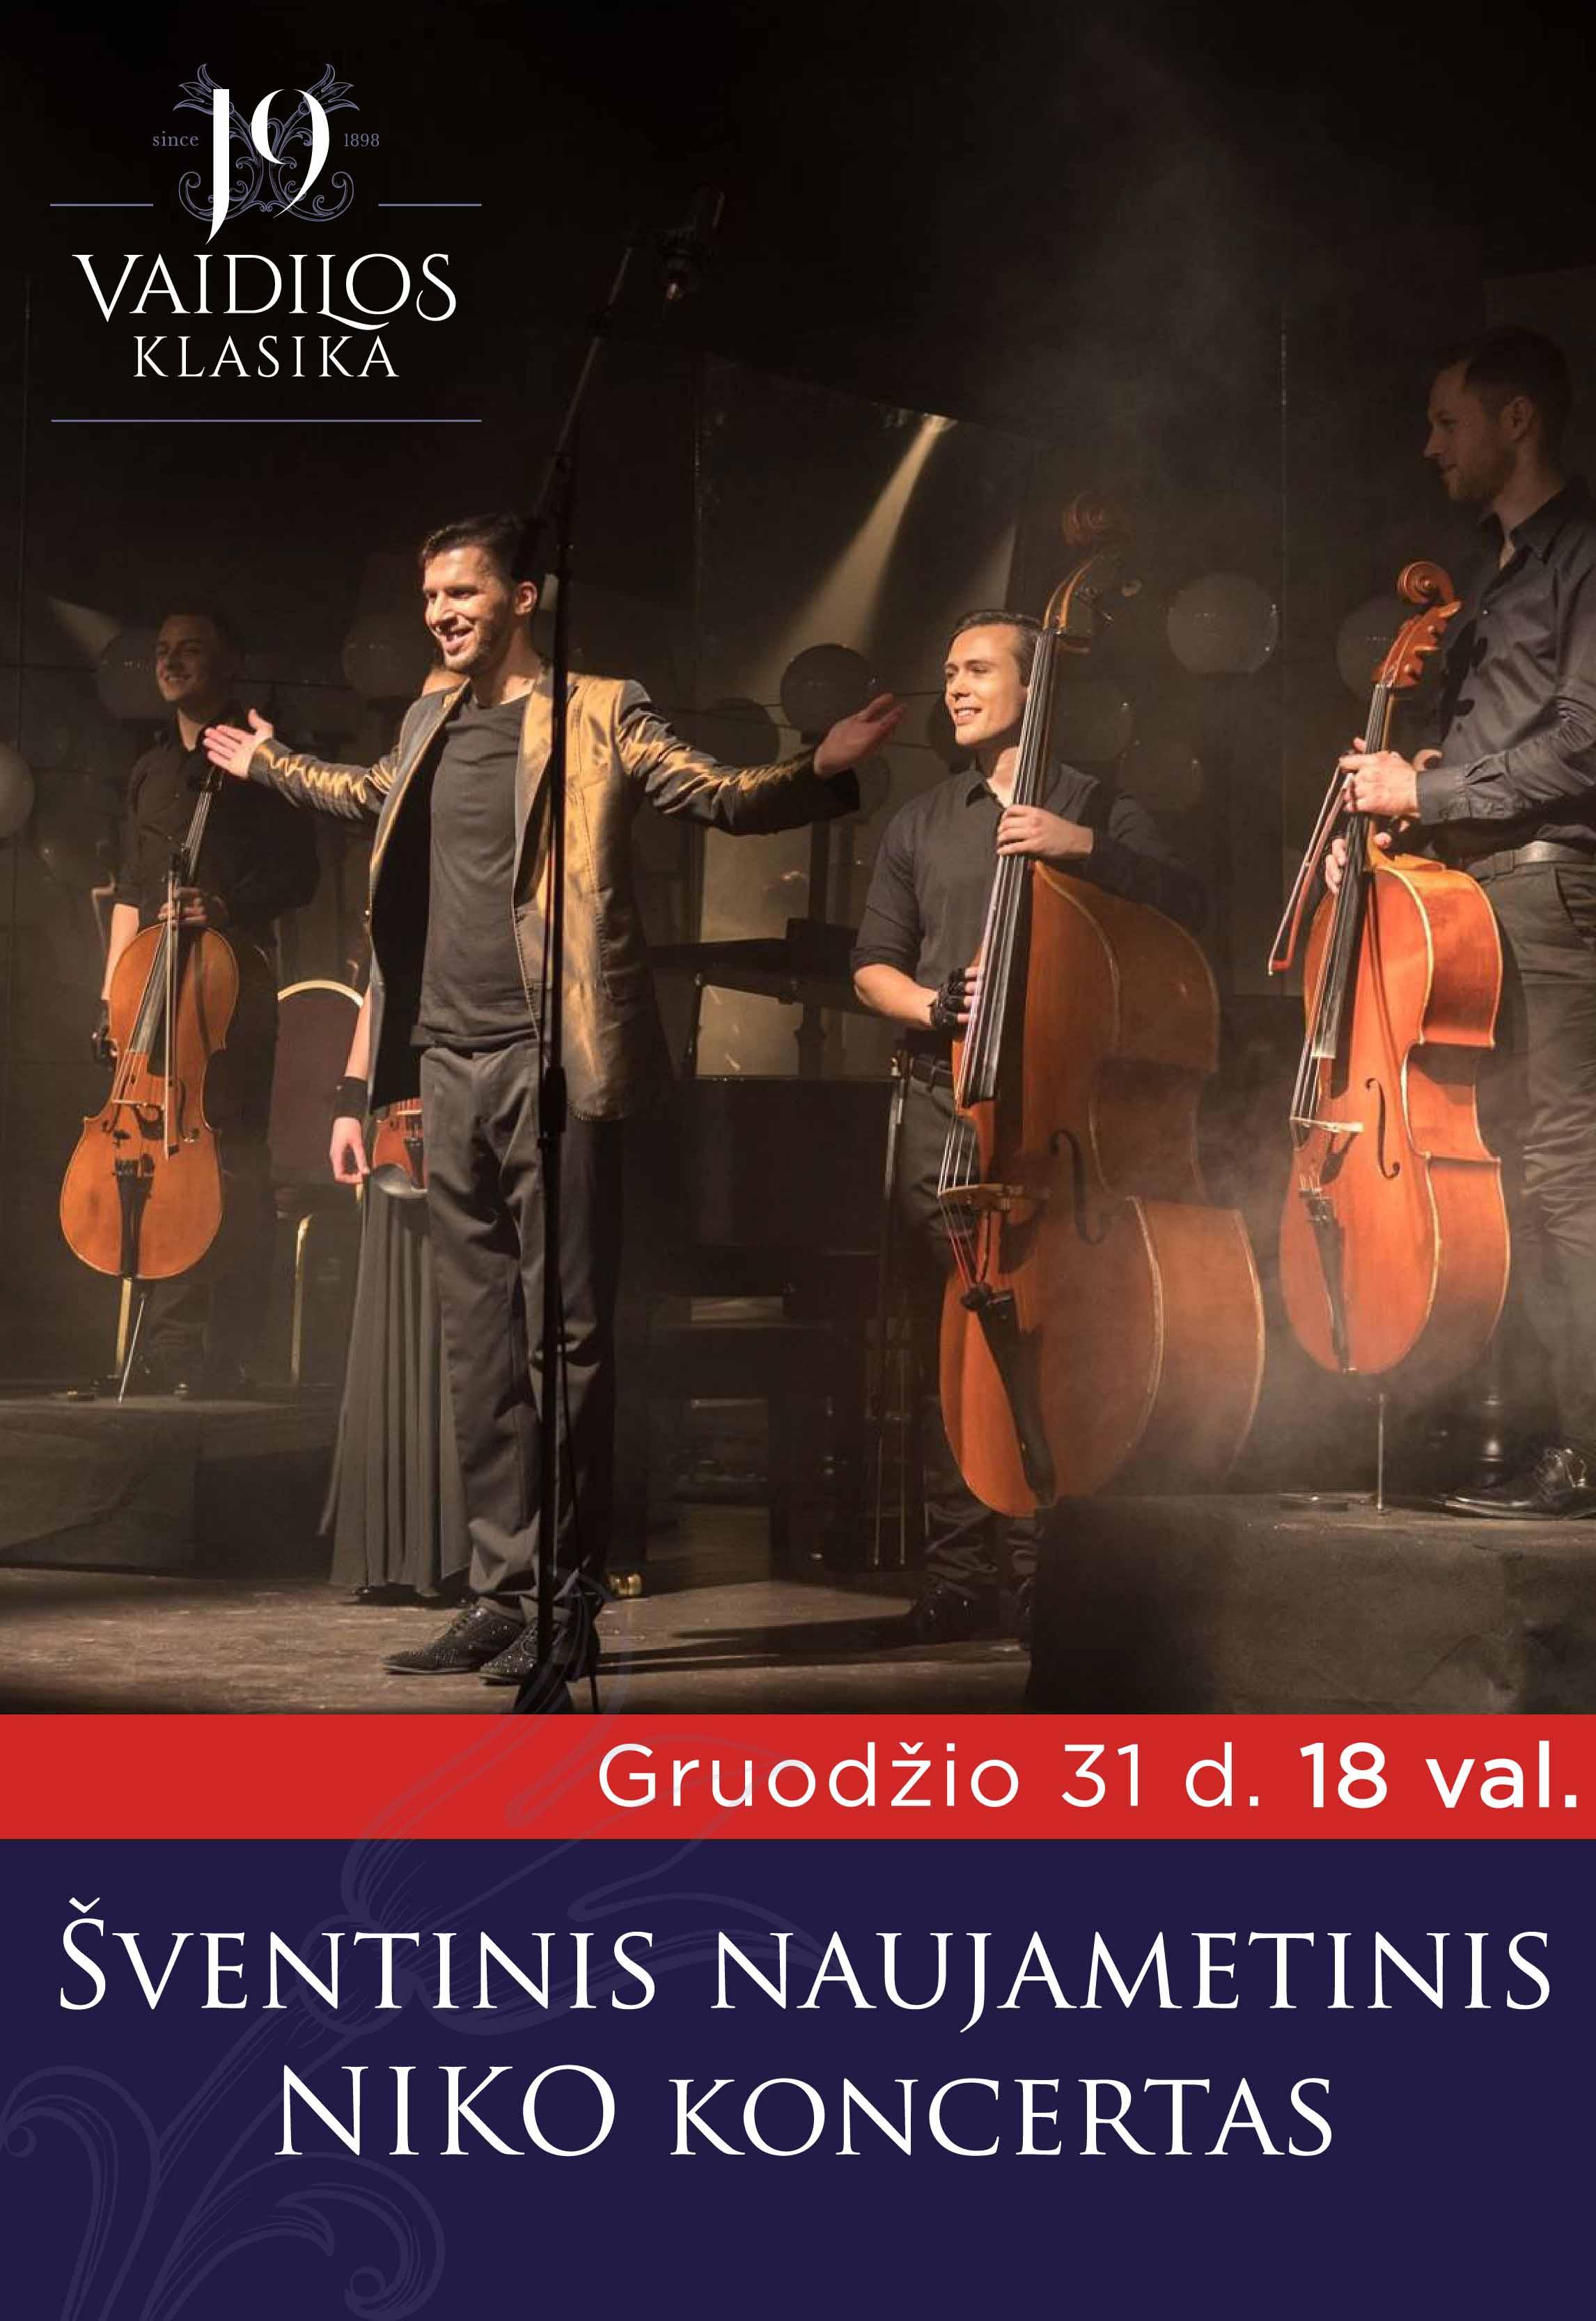 Šventinis naujametinis NIKO koncertas 18 val.